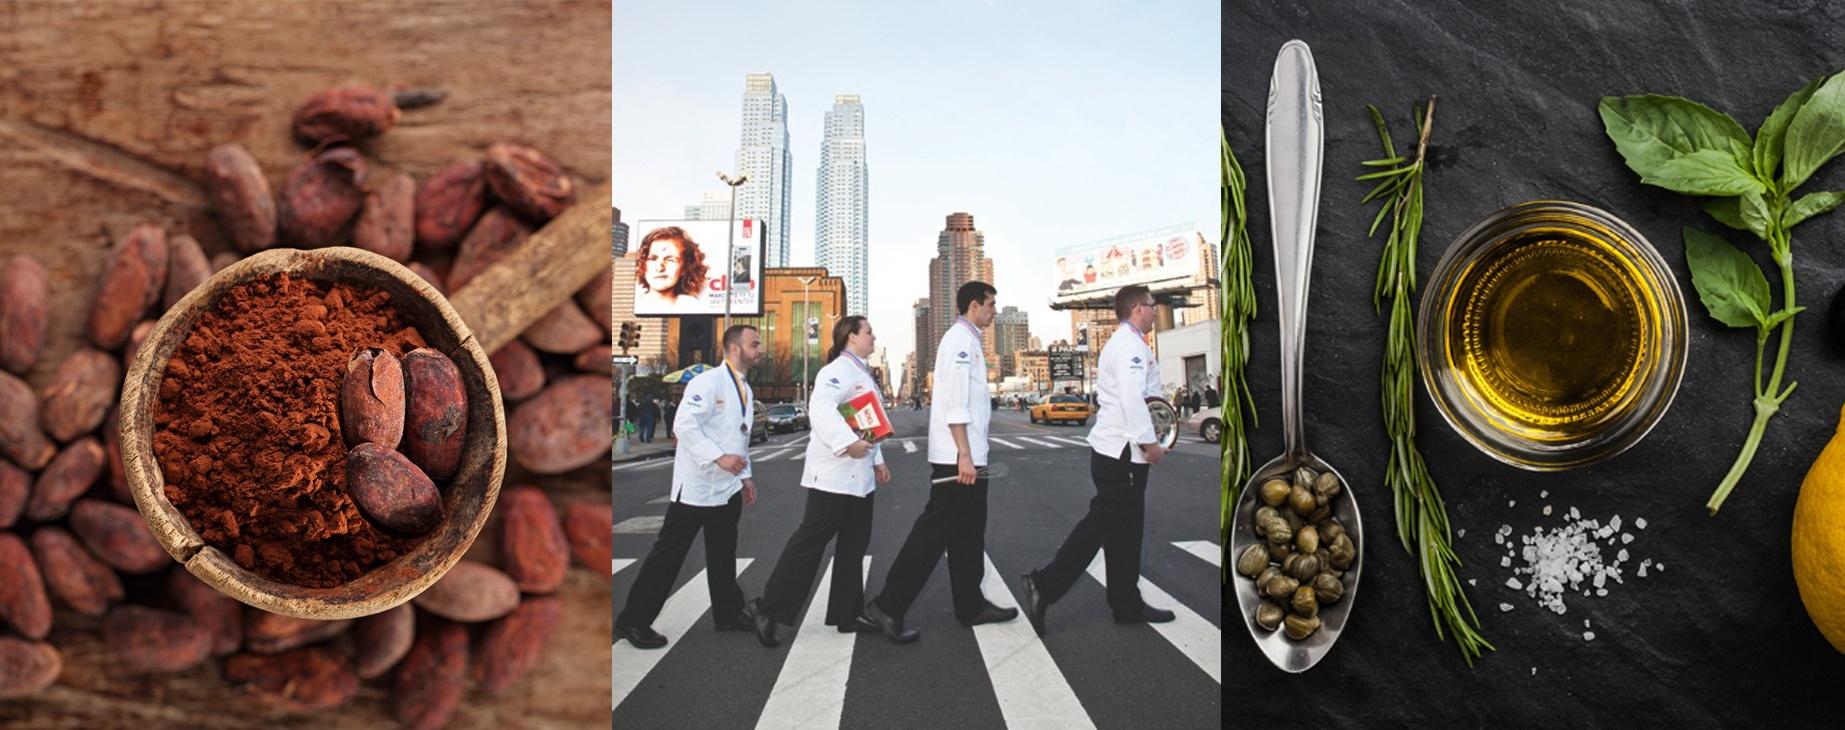 Paris_Gourmet_Homepage_walking_chefs.jpg